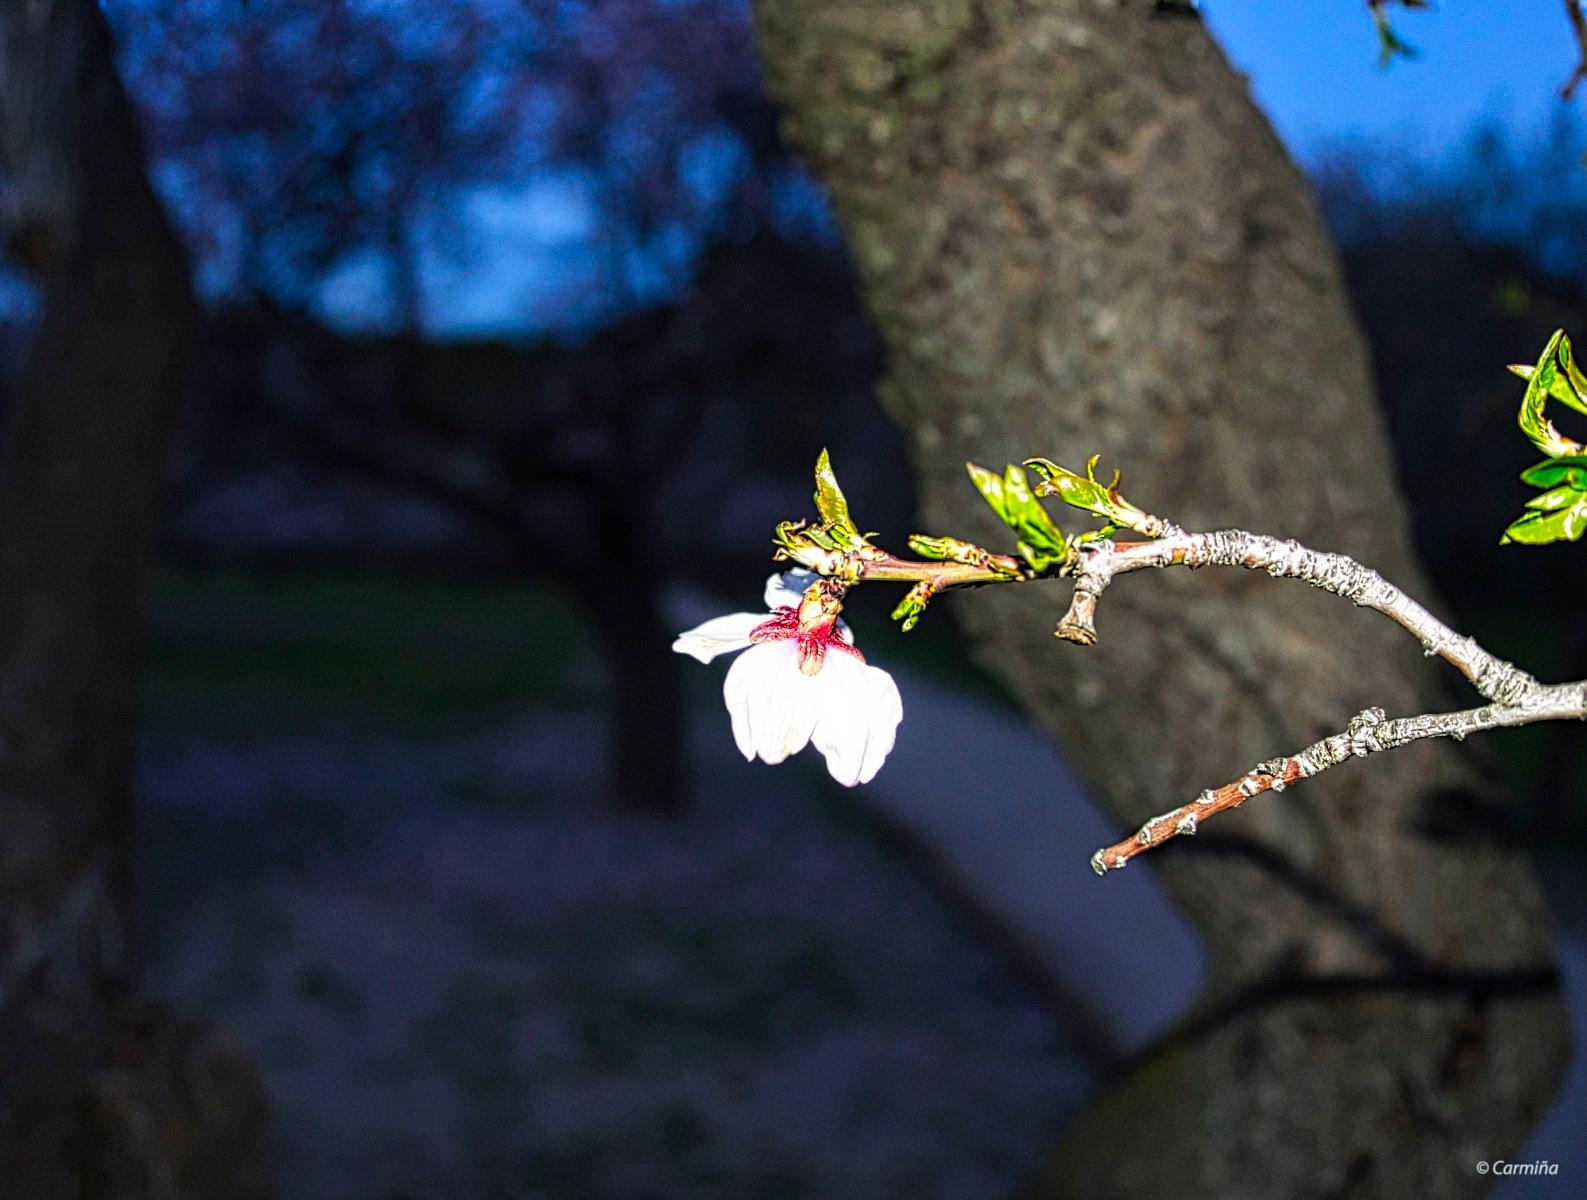 Flor de almendro 2 by carmina.waterstone